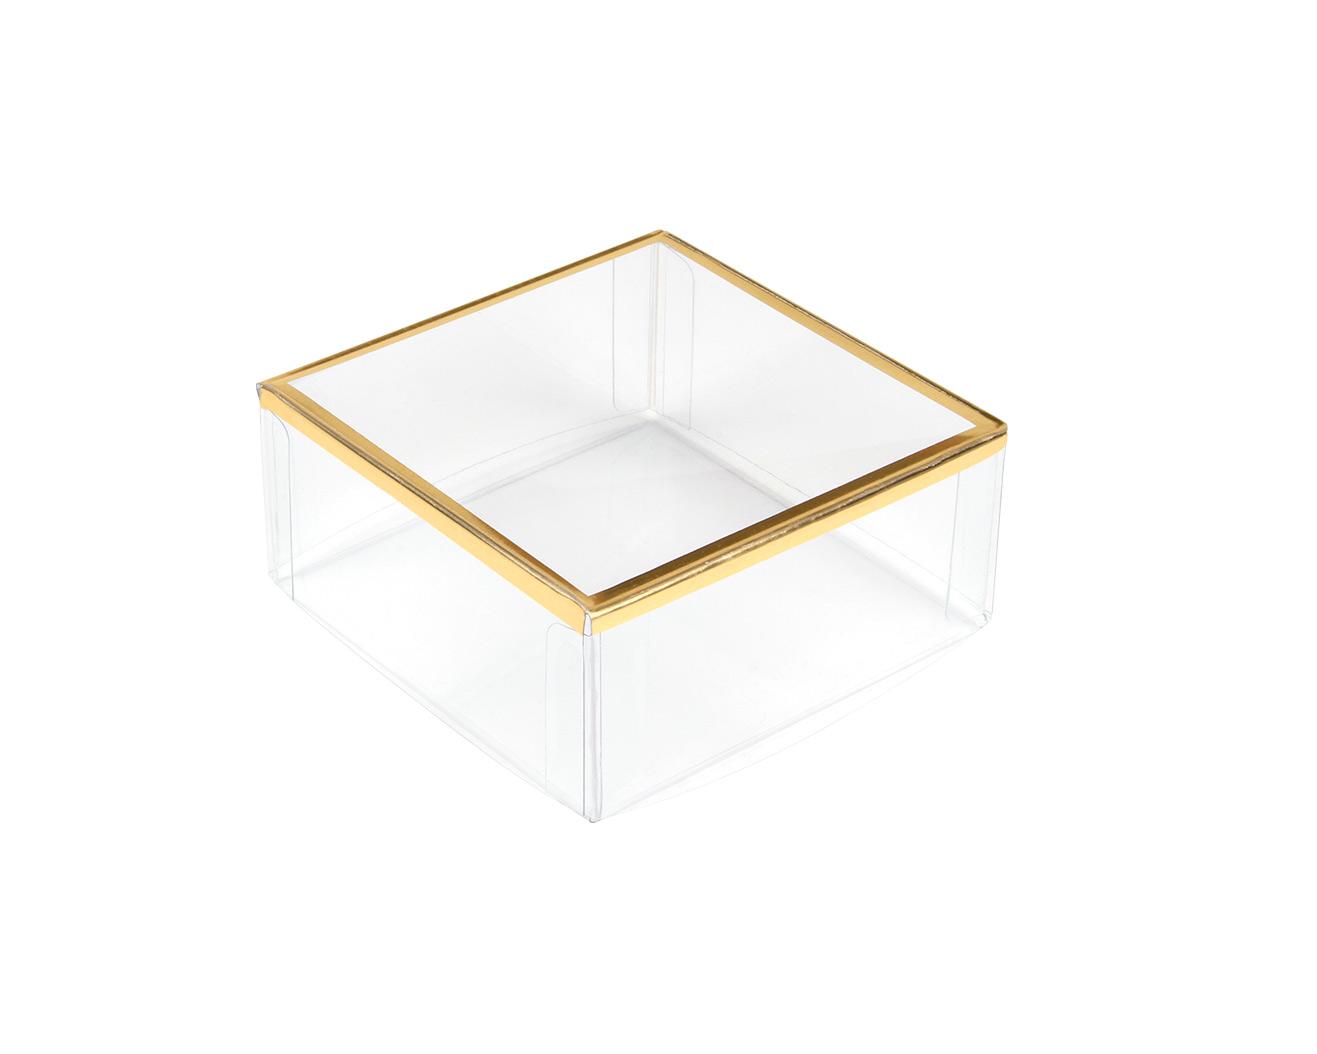 home u003e clear plastic boxes u003e rectangles u003e clear plastic packaging square gold trim 3 x 3 x 138 qtycase50